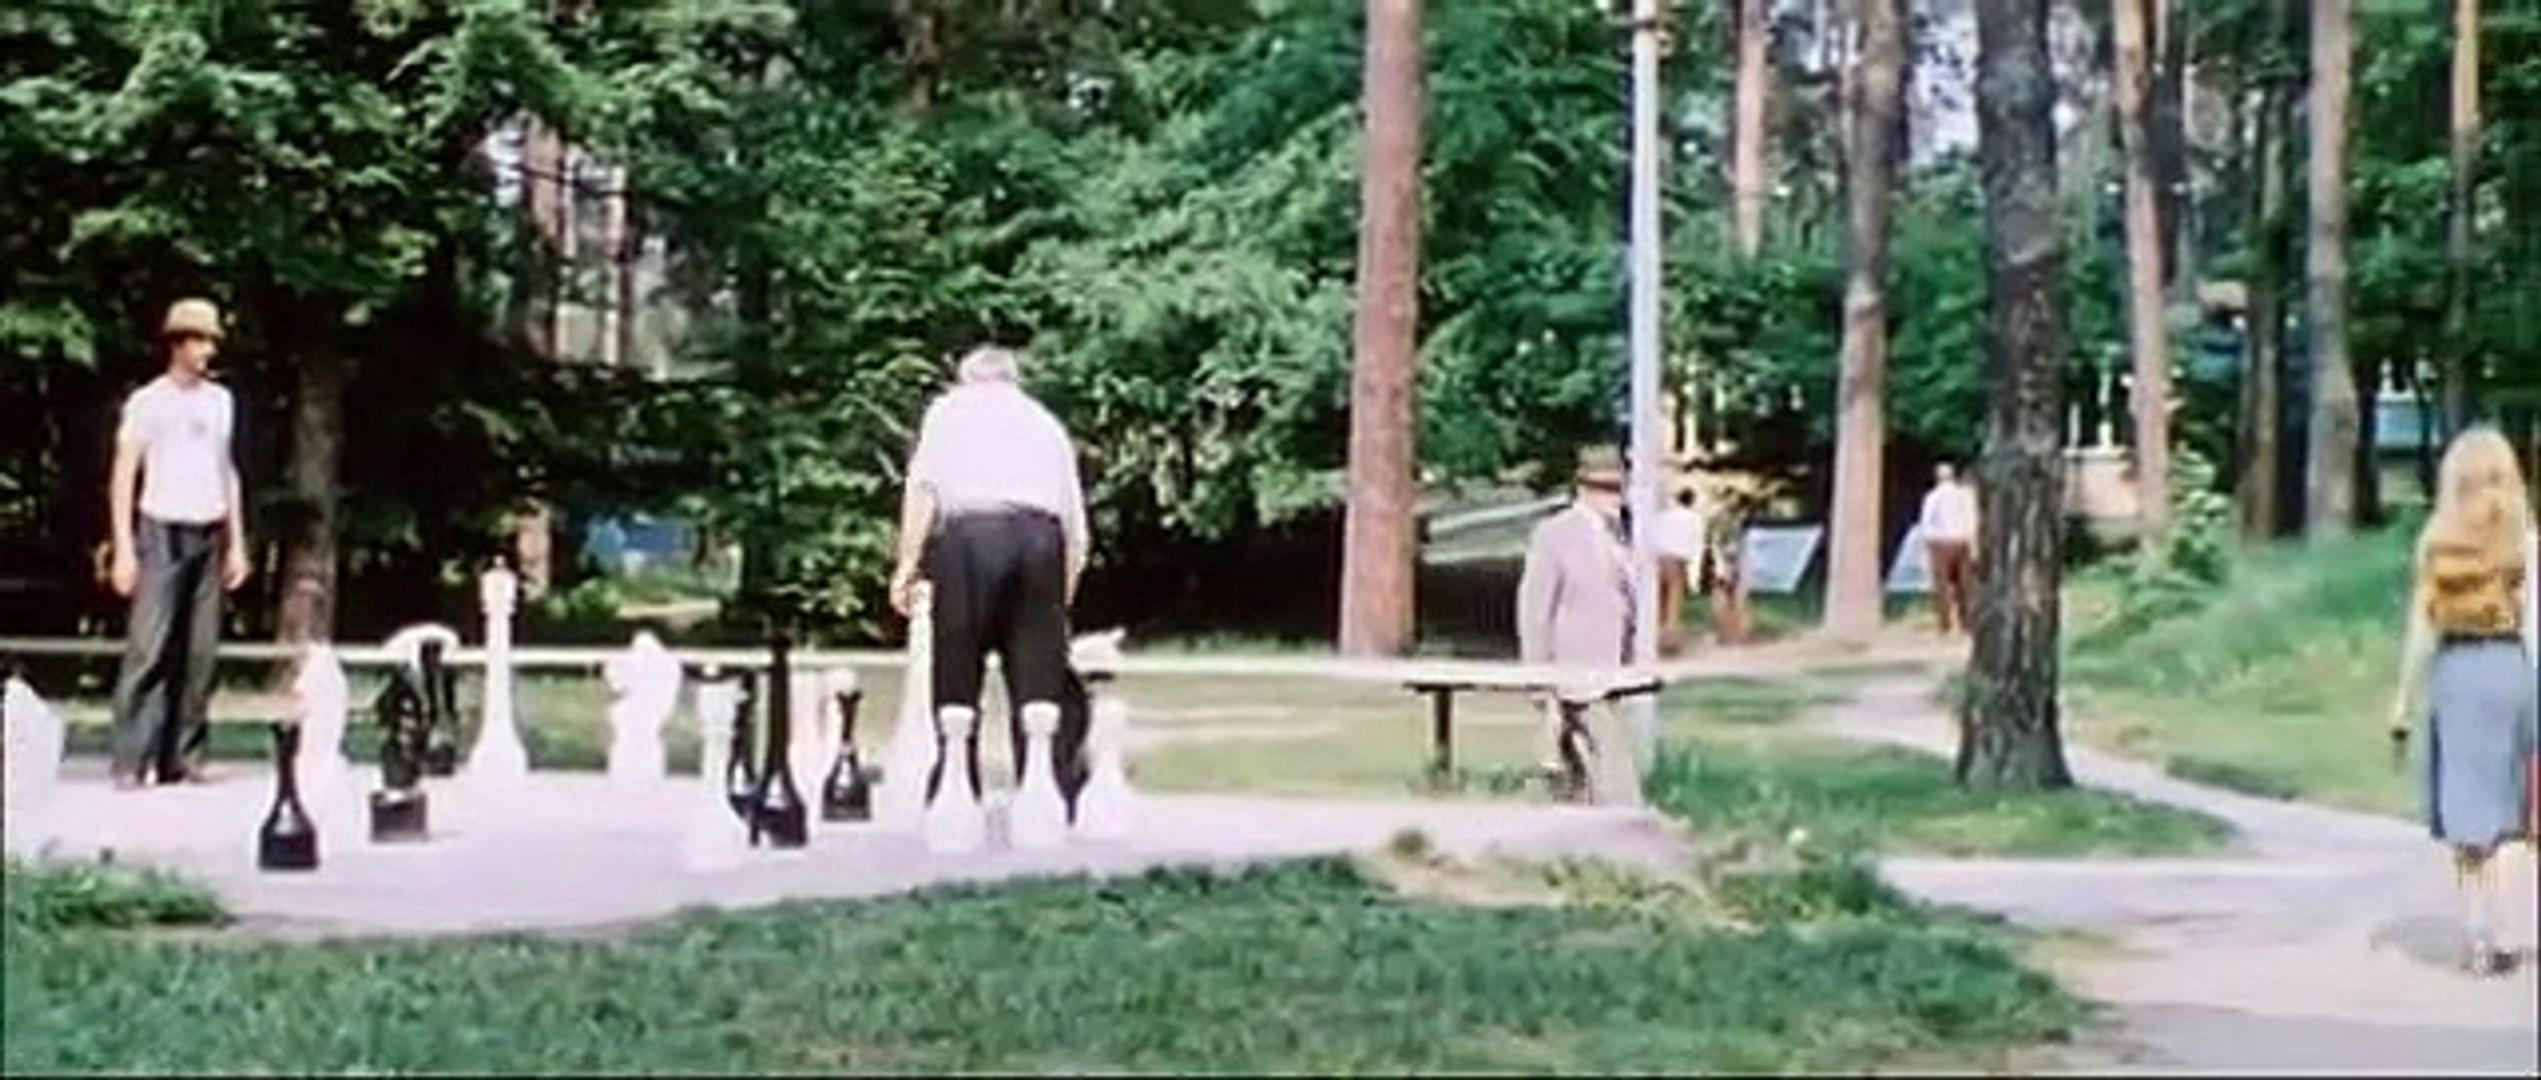 Версия полковника Зорина (детектив, реж. Андрей Ладынин, 1978 г.)